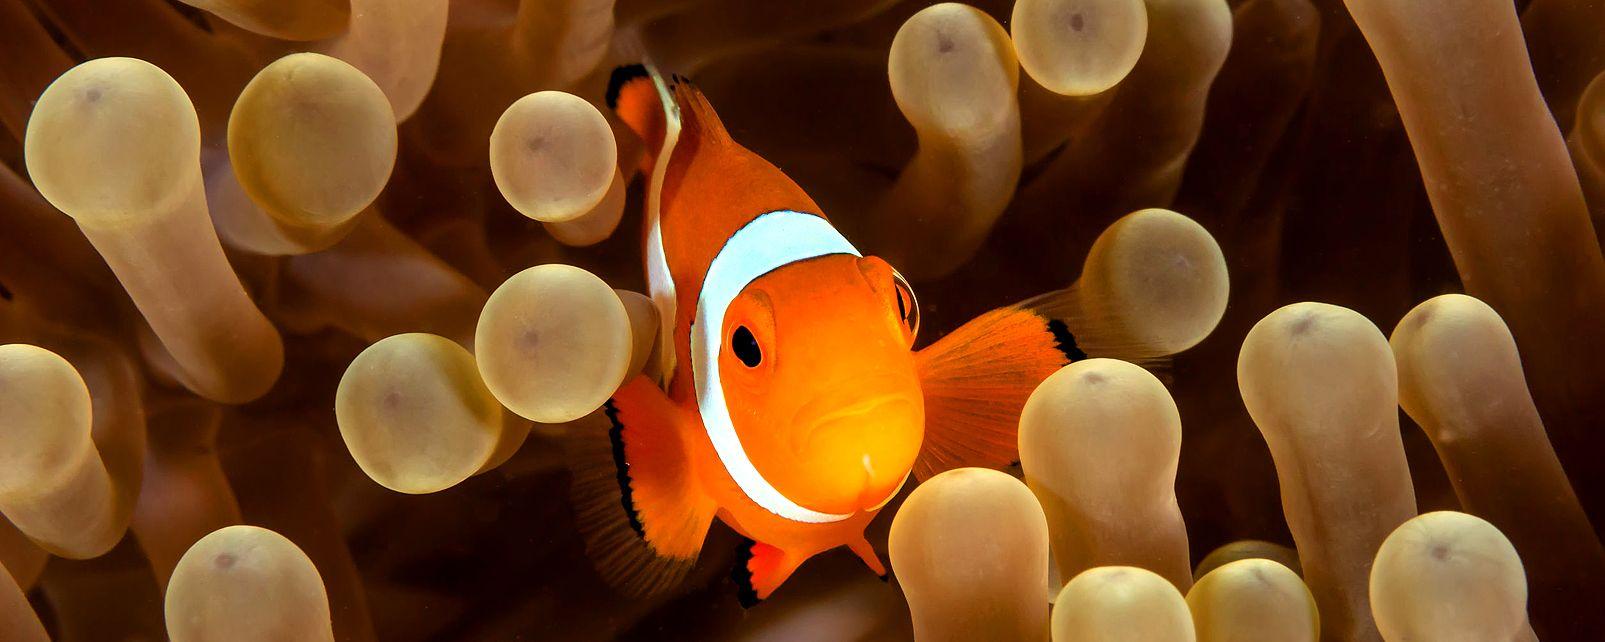 Il pesce pagliaccio, La fauna marina, La fauna e la flora, Repubblica Dominicana